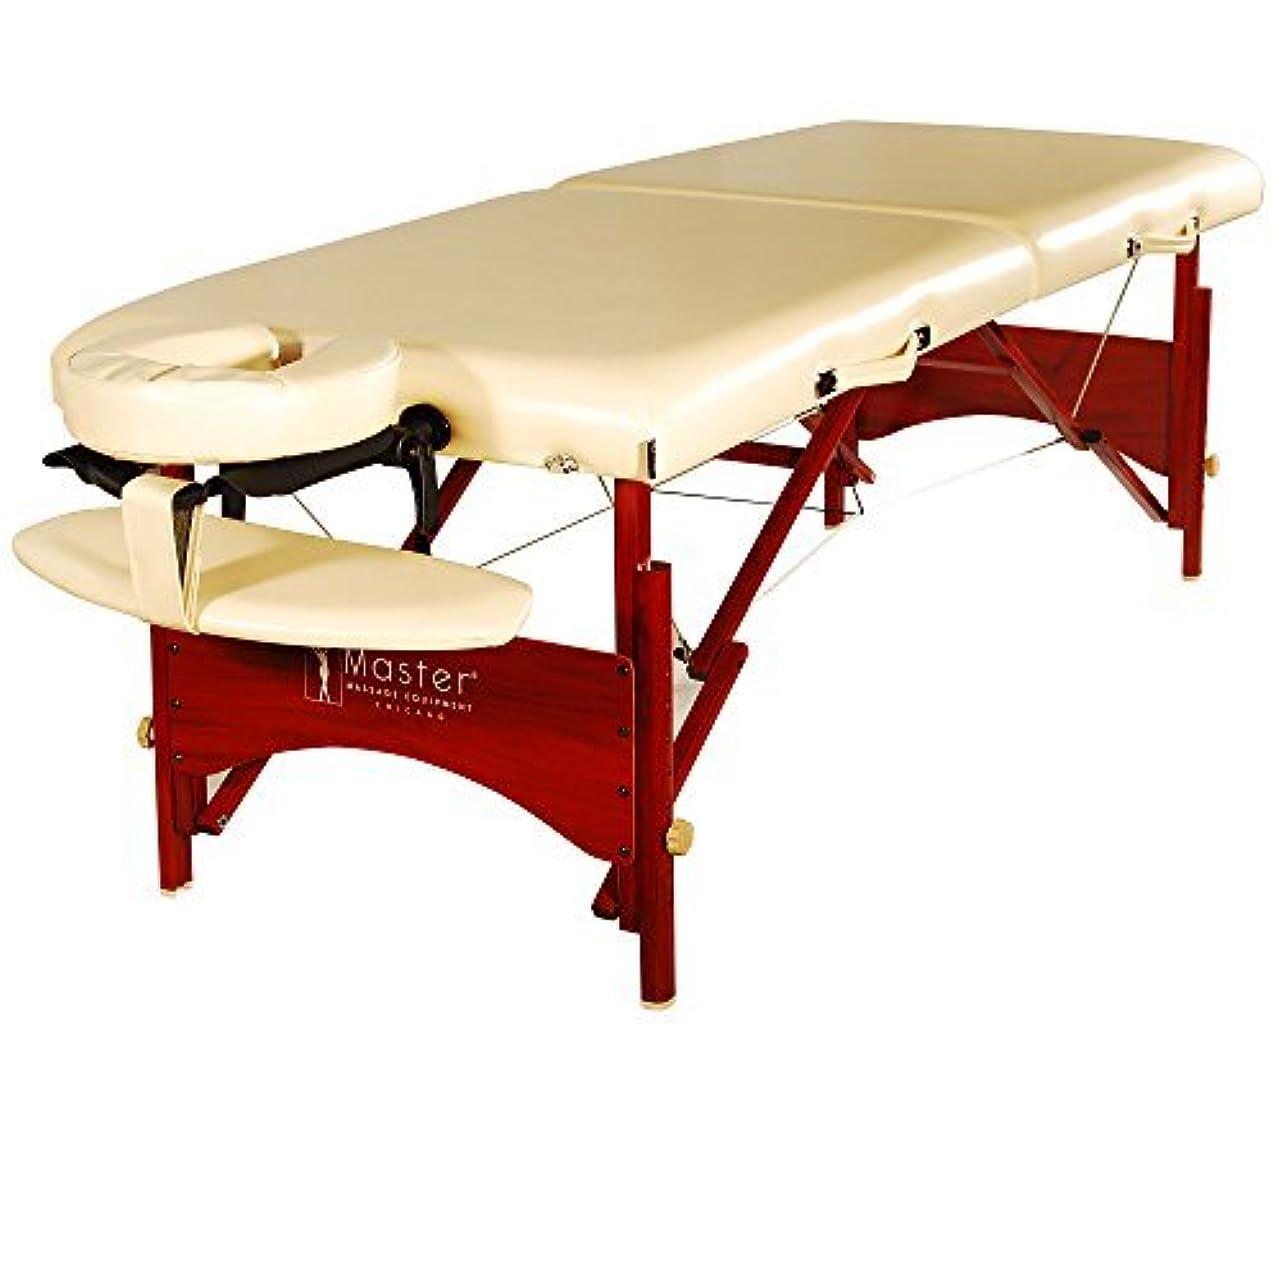 食器棚把握キャンセルMaster Massage 28 Vista Portable Massage Table Package with Memory Foam [並行輸入品]